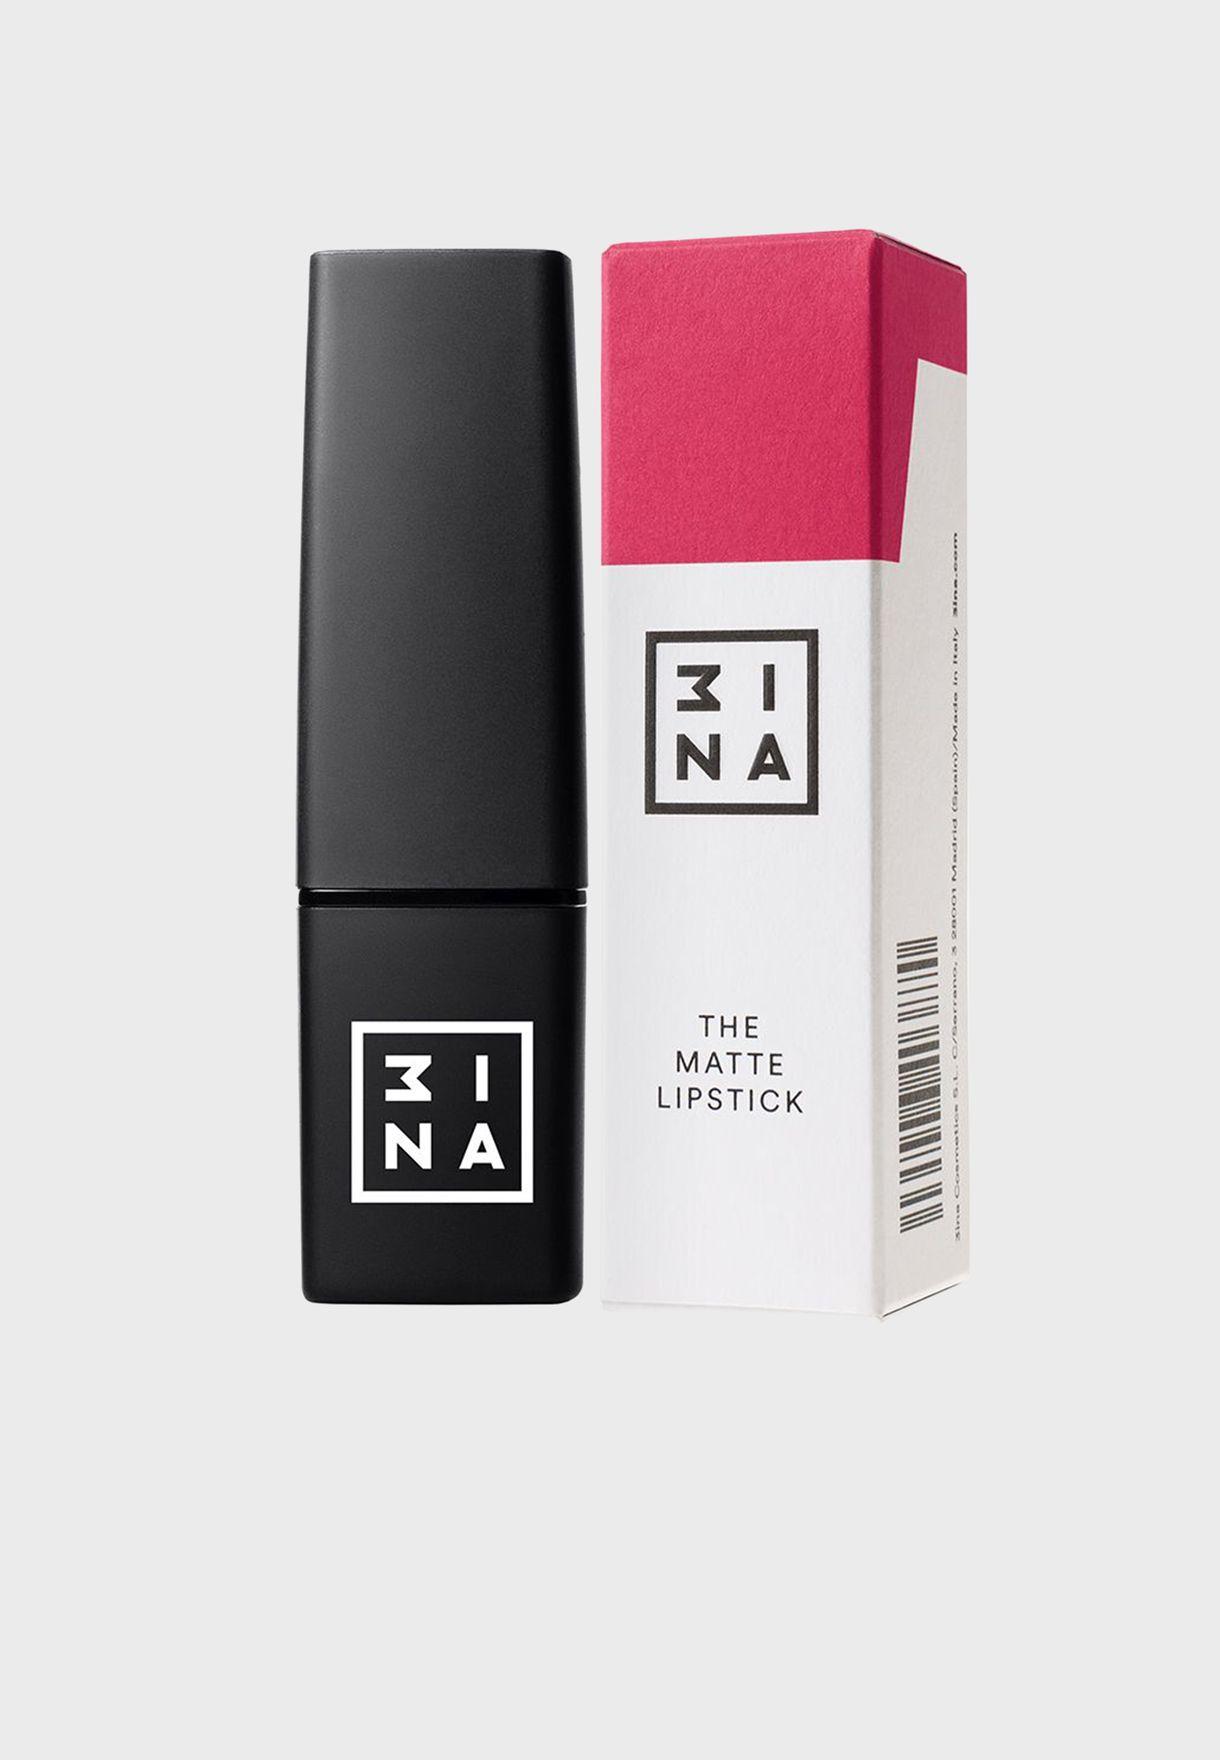 The Matte Lipstick 402